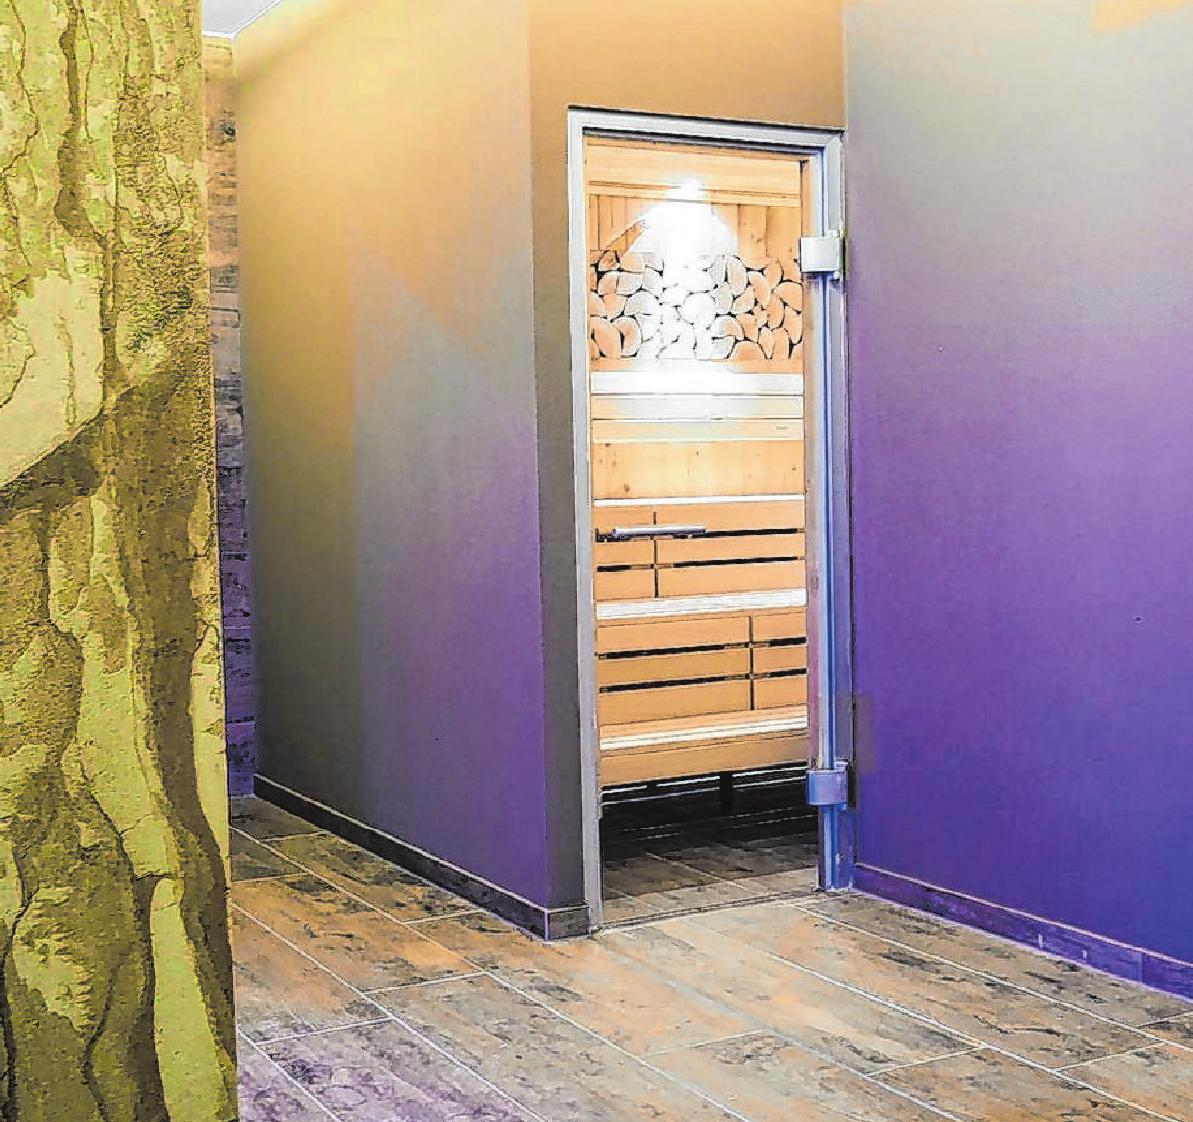 Willkommen im Sauna-Bereich des Wellnesszentrums: Schon die Gestaltung der Wände strahlt eine gewisse Ruhe und Behaglichkeit aus.